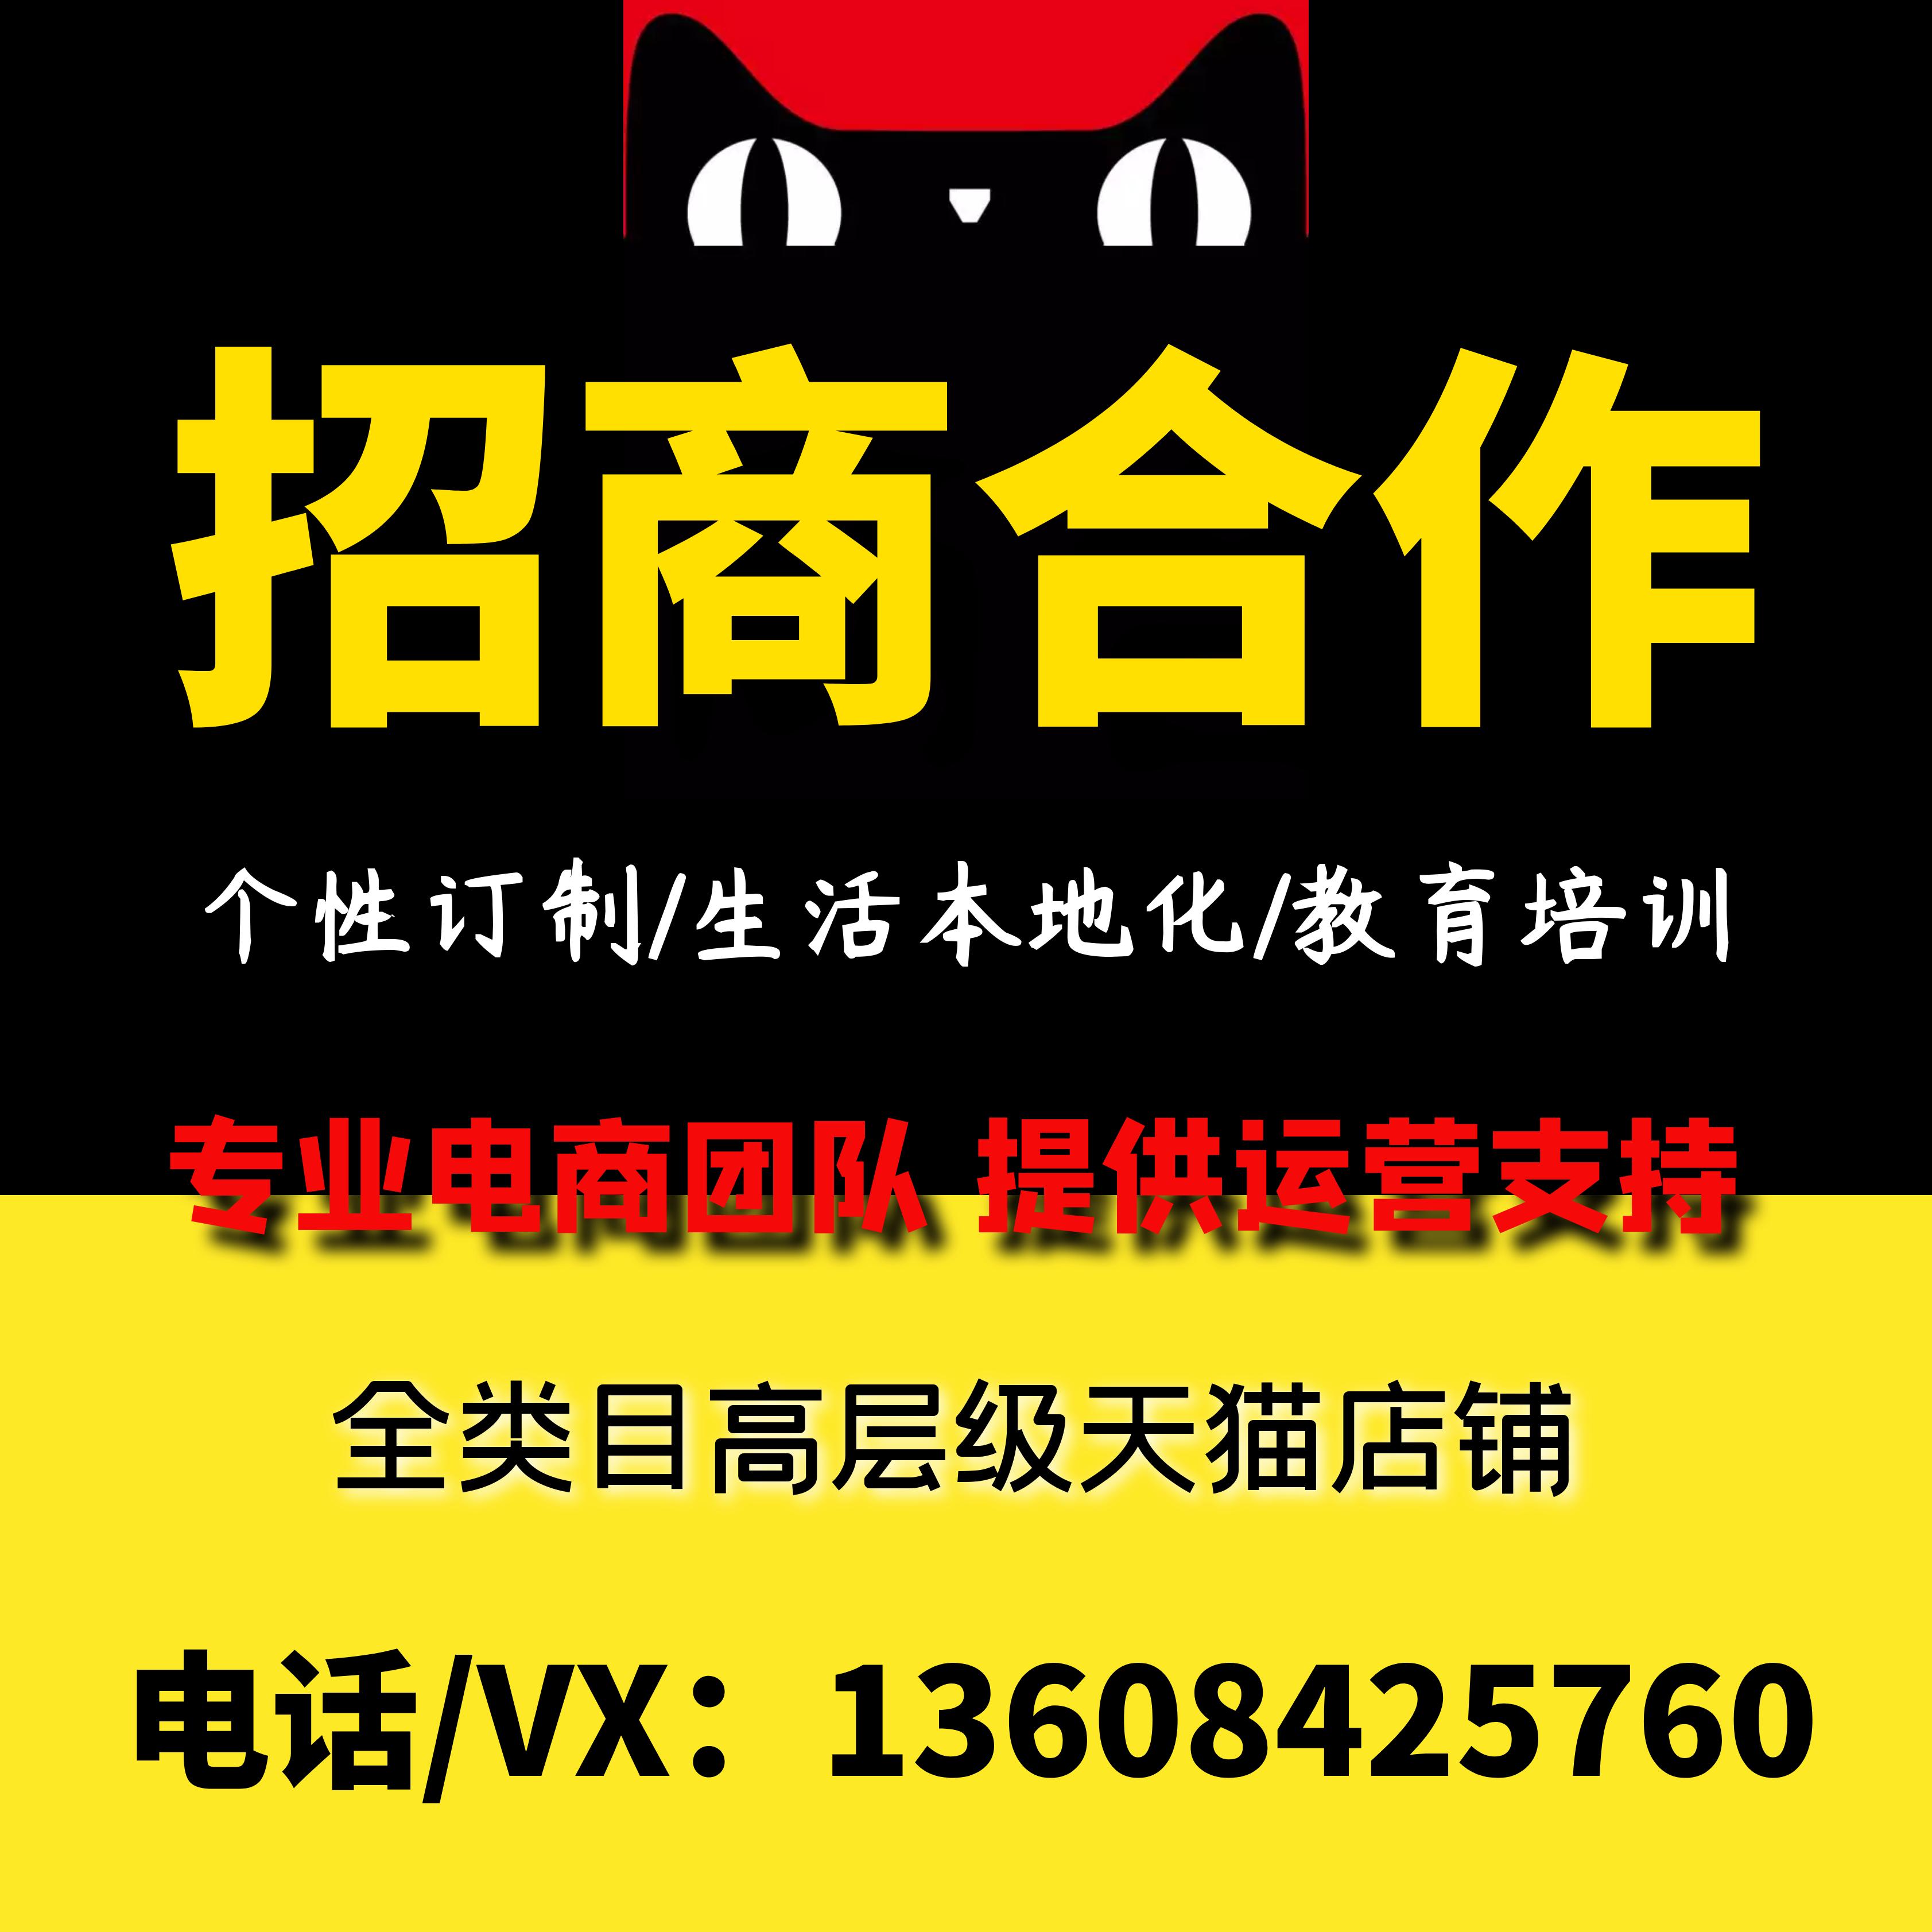 天猫链接本地化生活服务出租招商合作广告配音视频图片ps工商注册